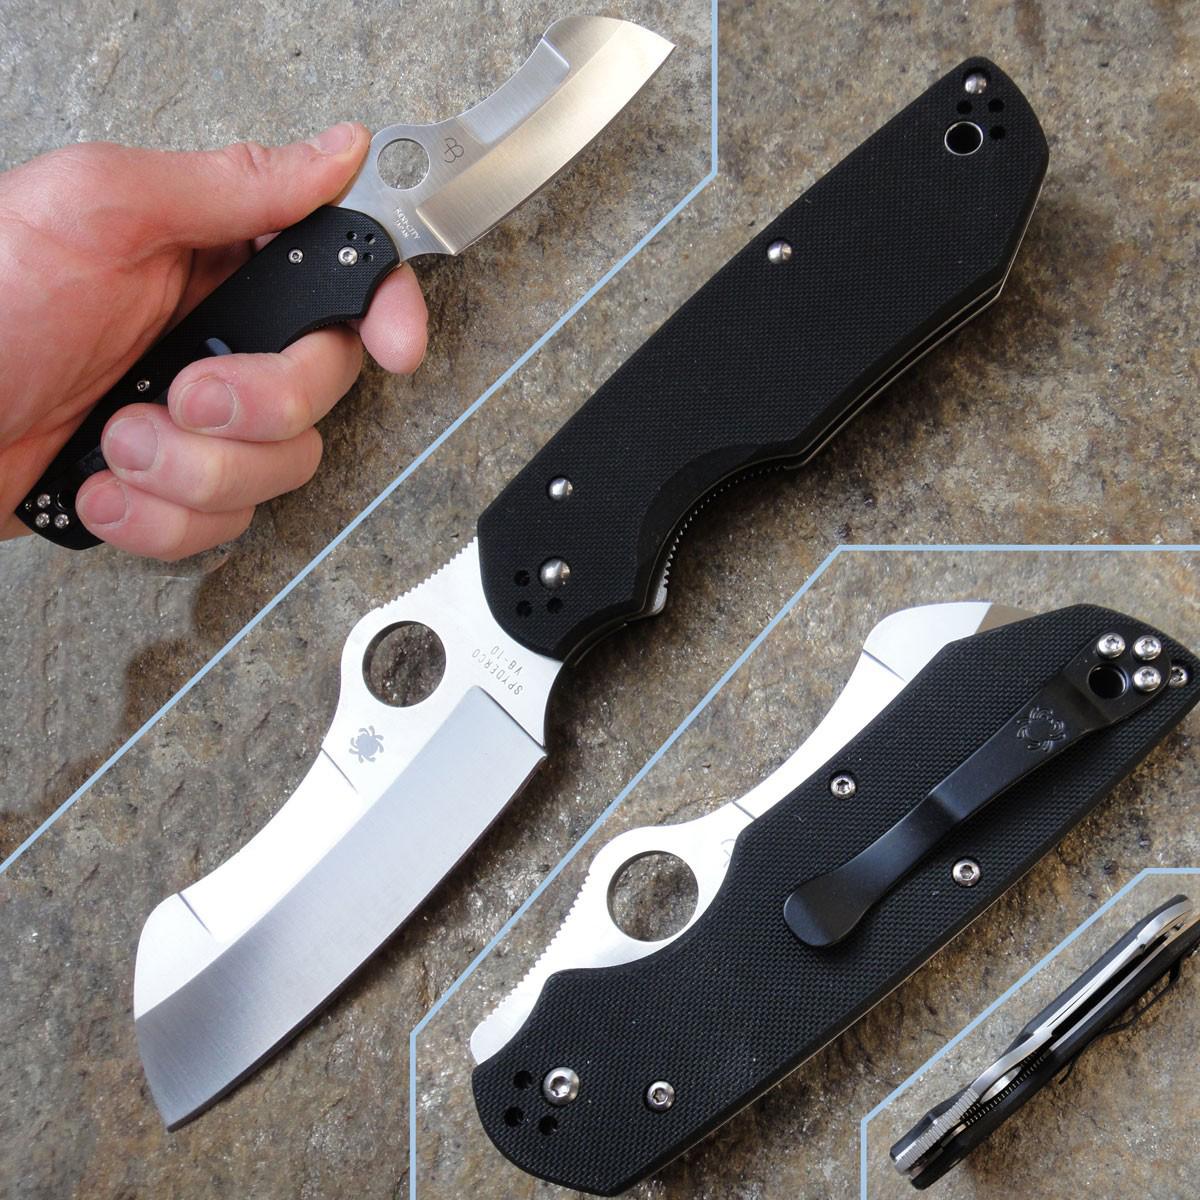 Фото 4 - Нож складной Rescue by Jason Breeden Spyderco 139GP, сталь VG-10 Satin Plain, рукоять стеклотекстолит G10, чёрный